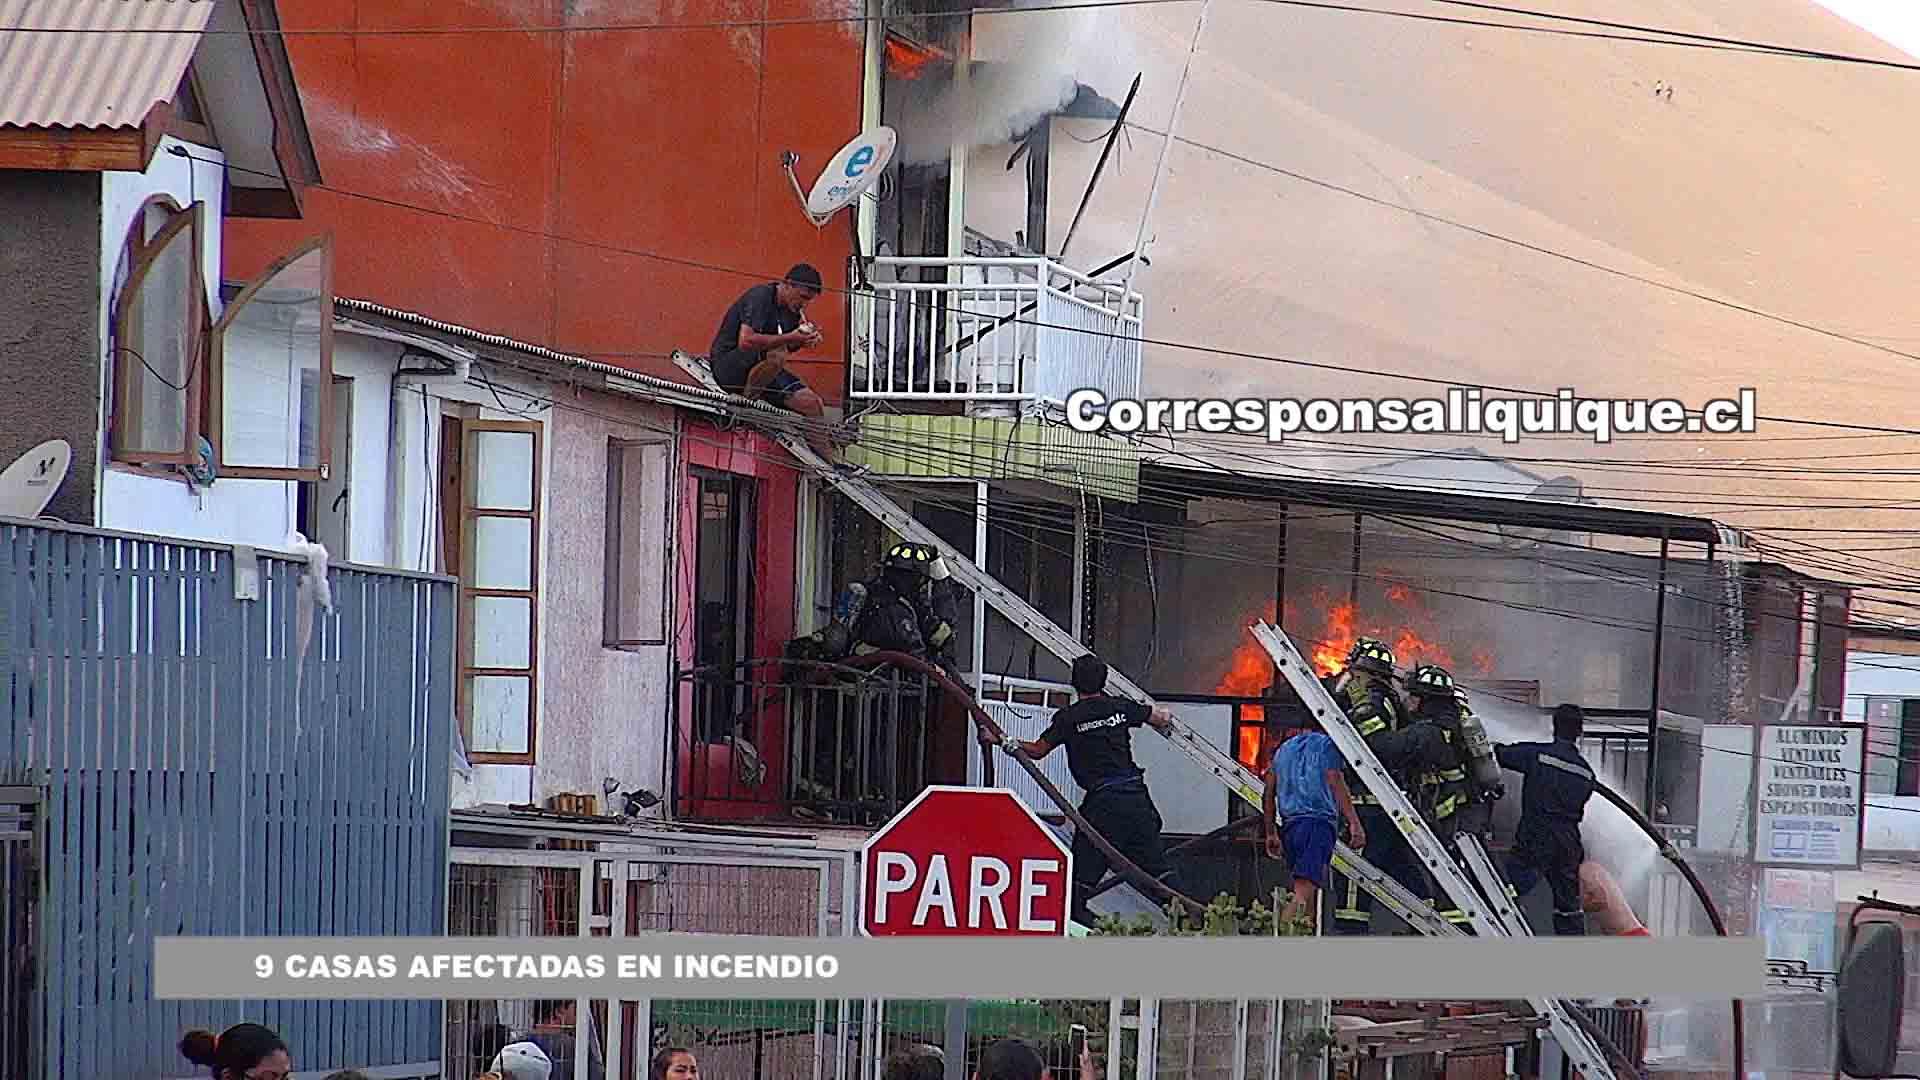 Photo of 9 casas afectadas en incendio